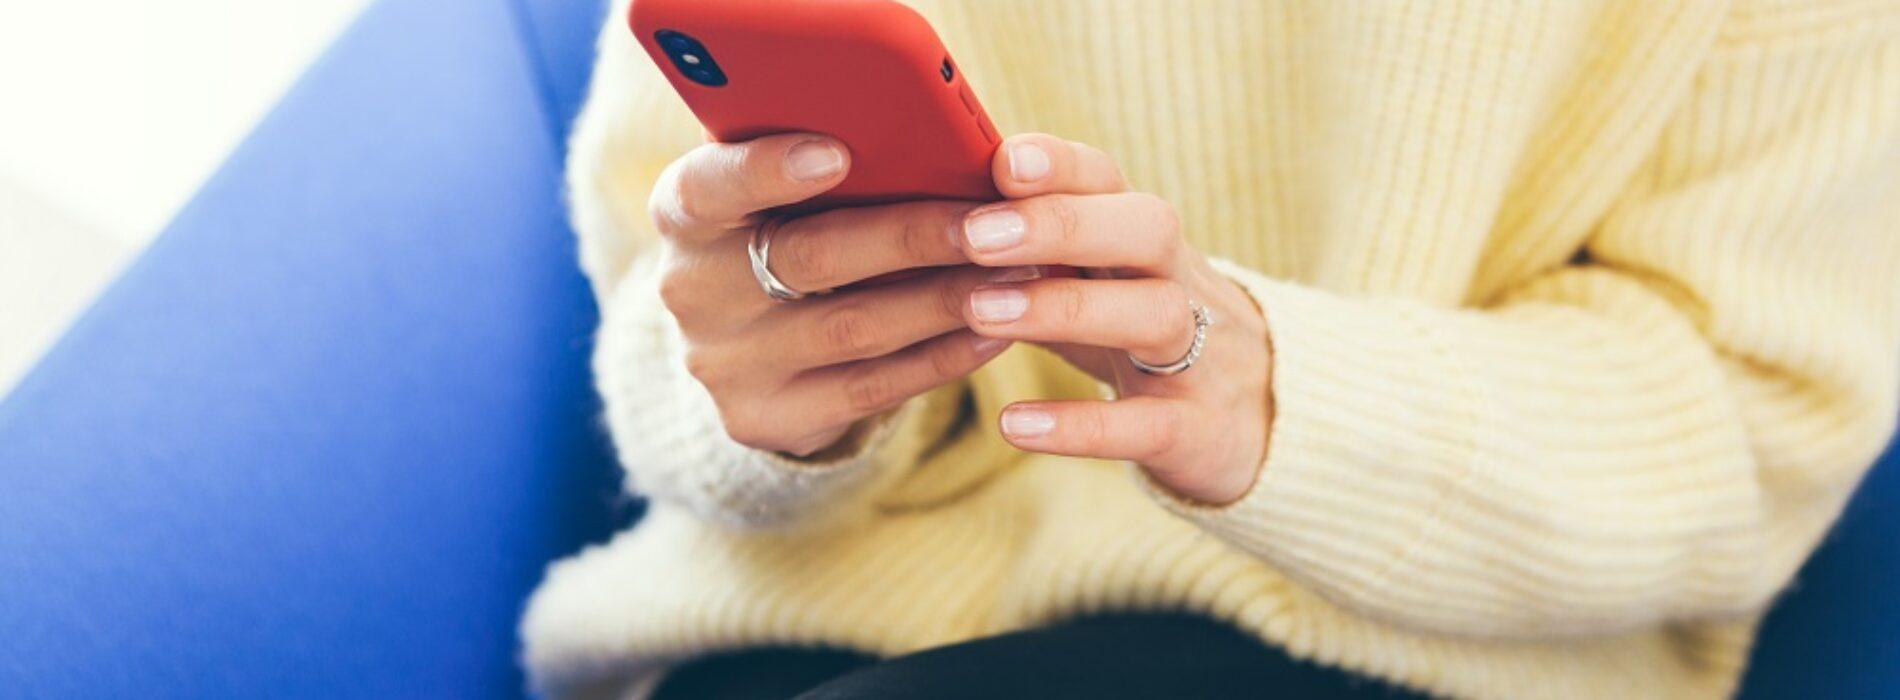 Zadbaj o swój telefon, by działał jak nowy